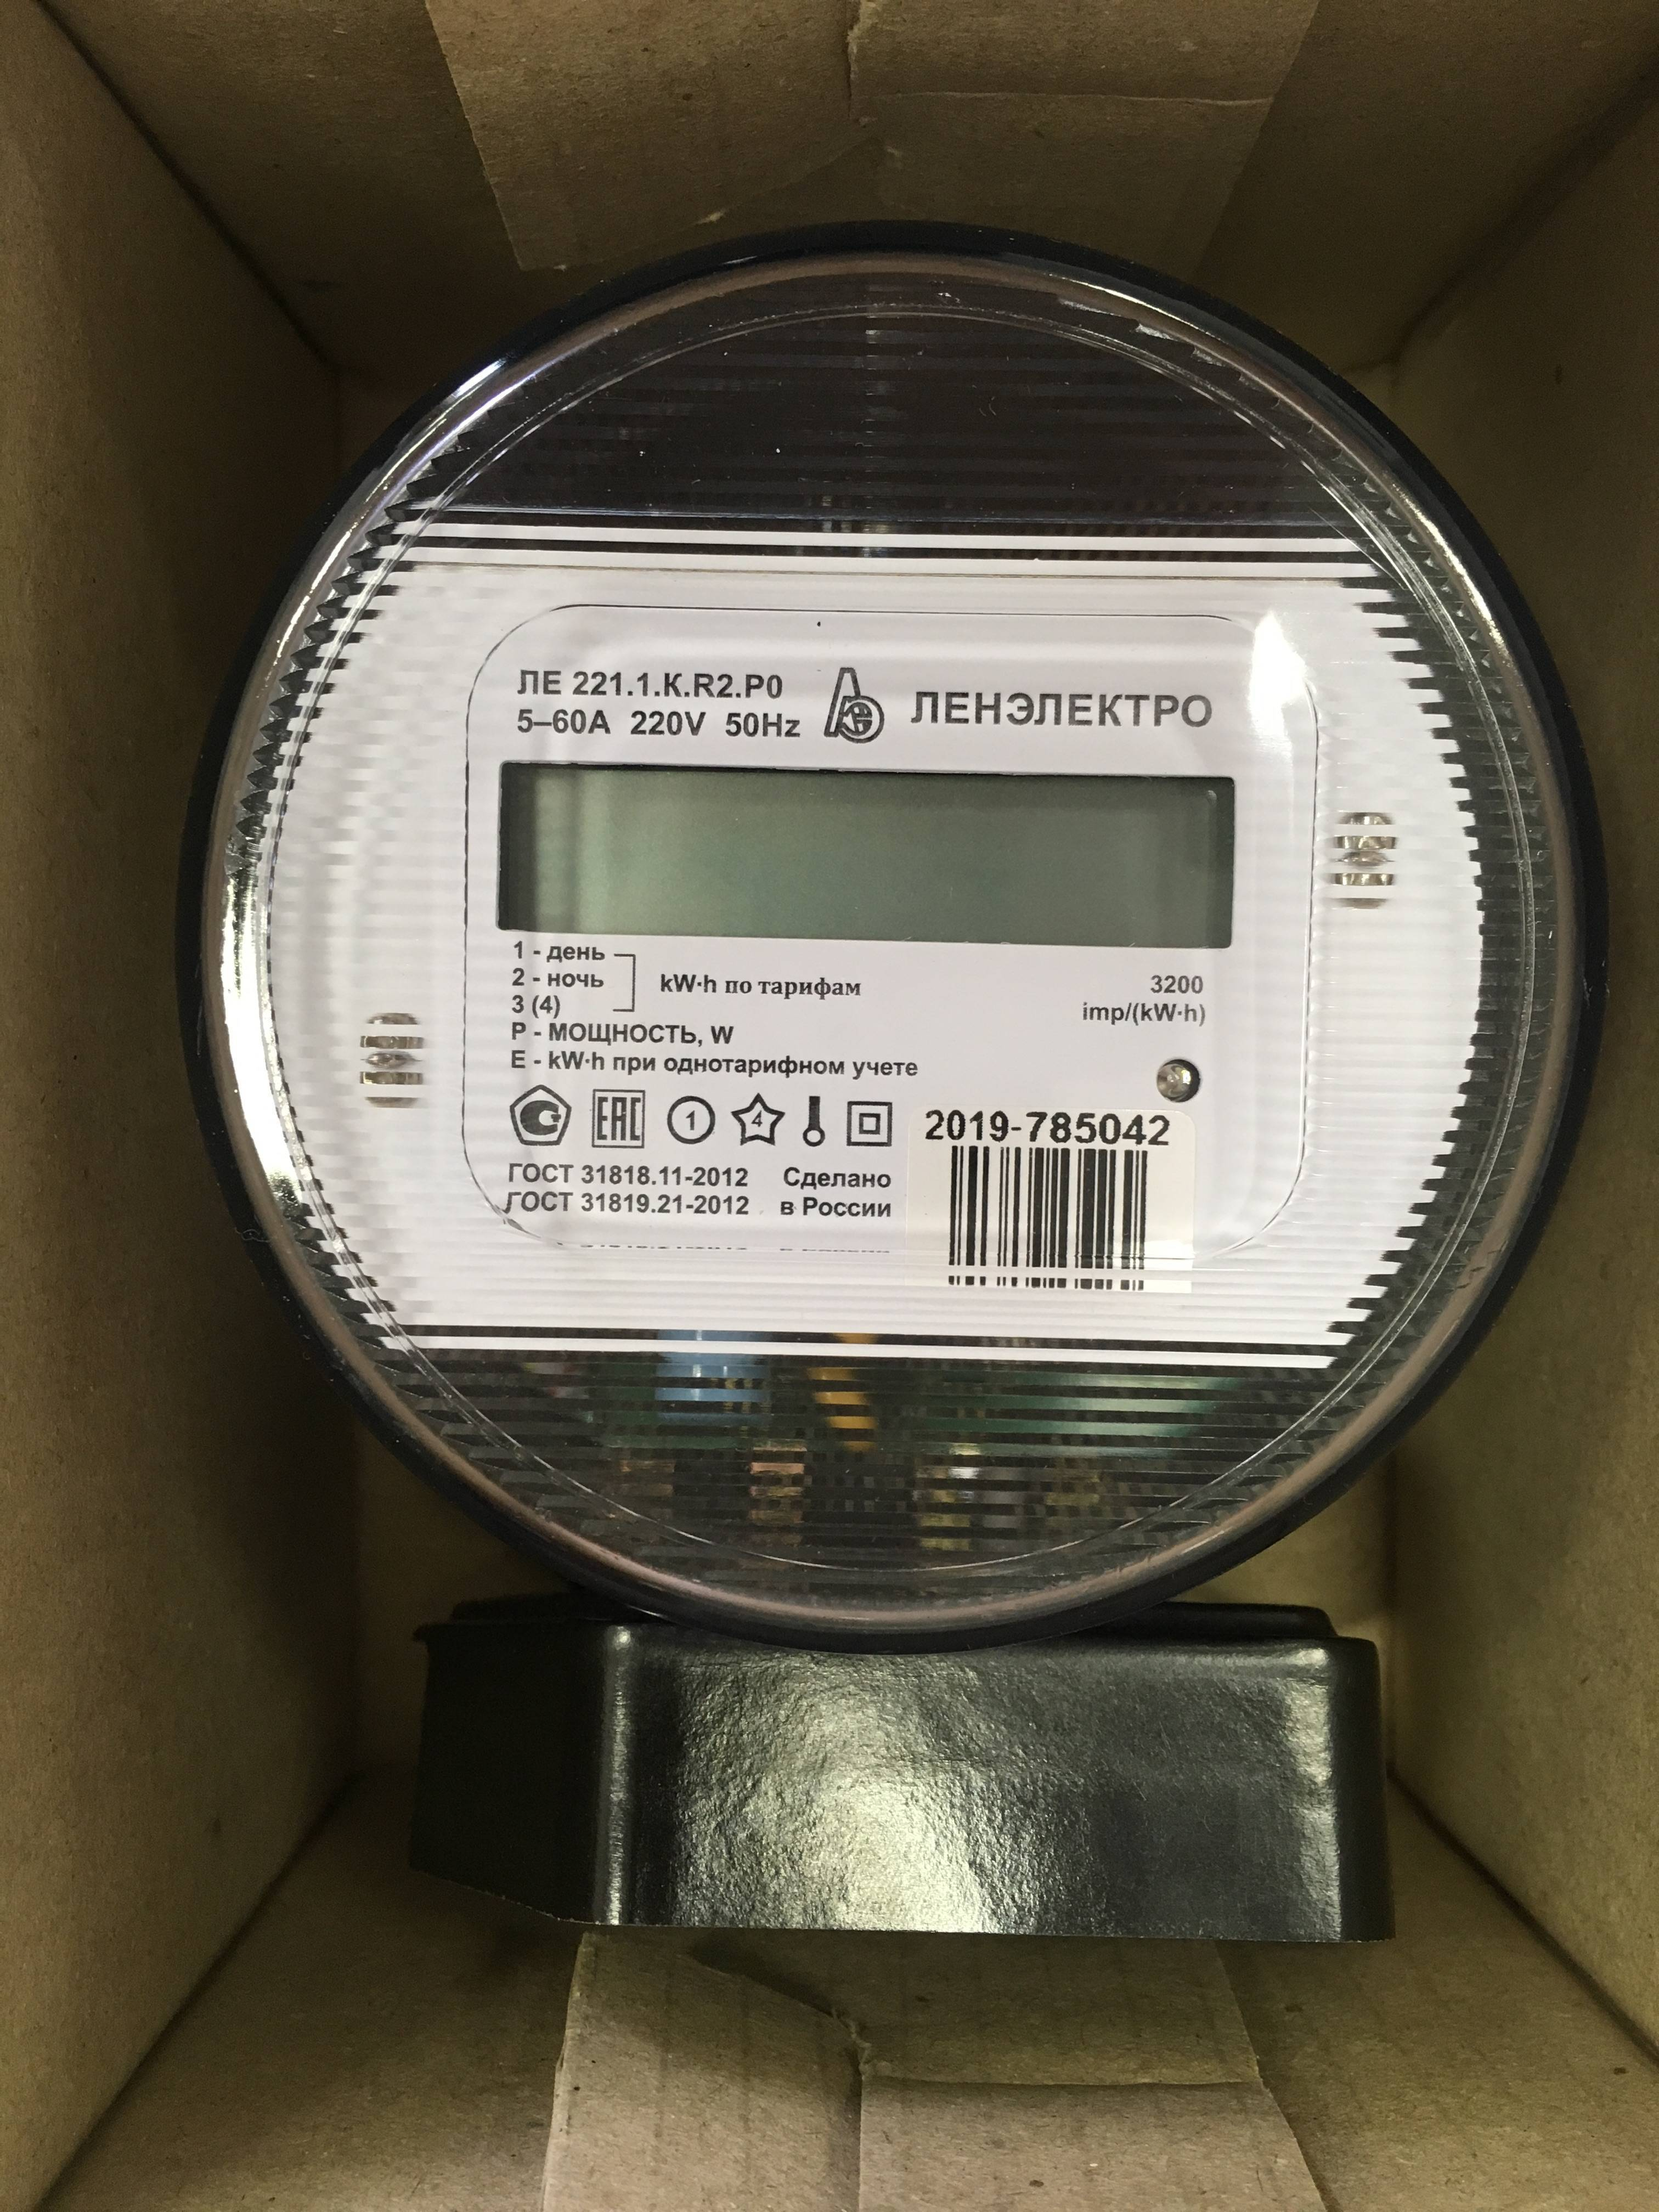 Как работает двухтарифный счетчик электроэнергии и выгодно ли это? ⋆ строю дом